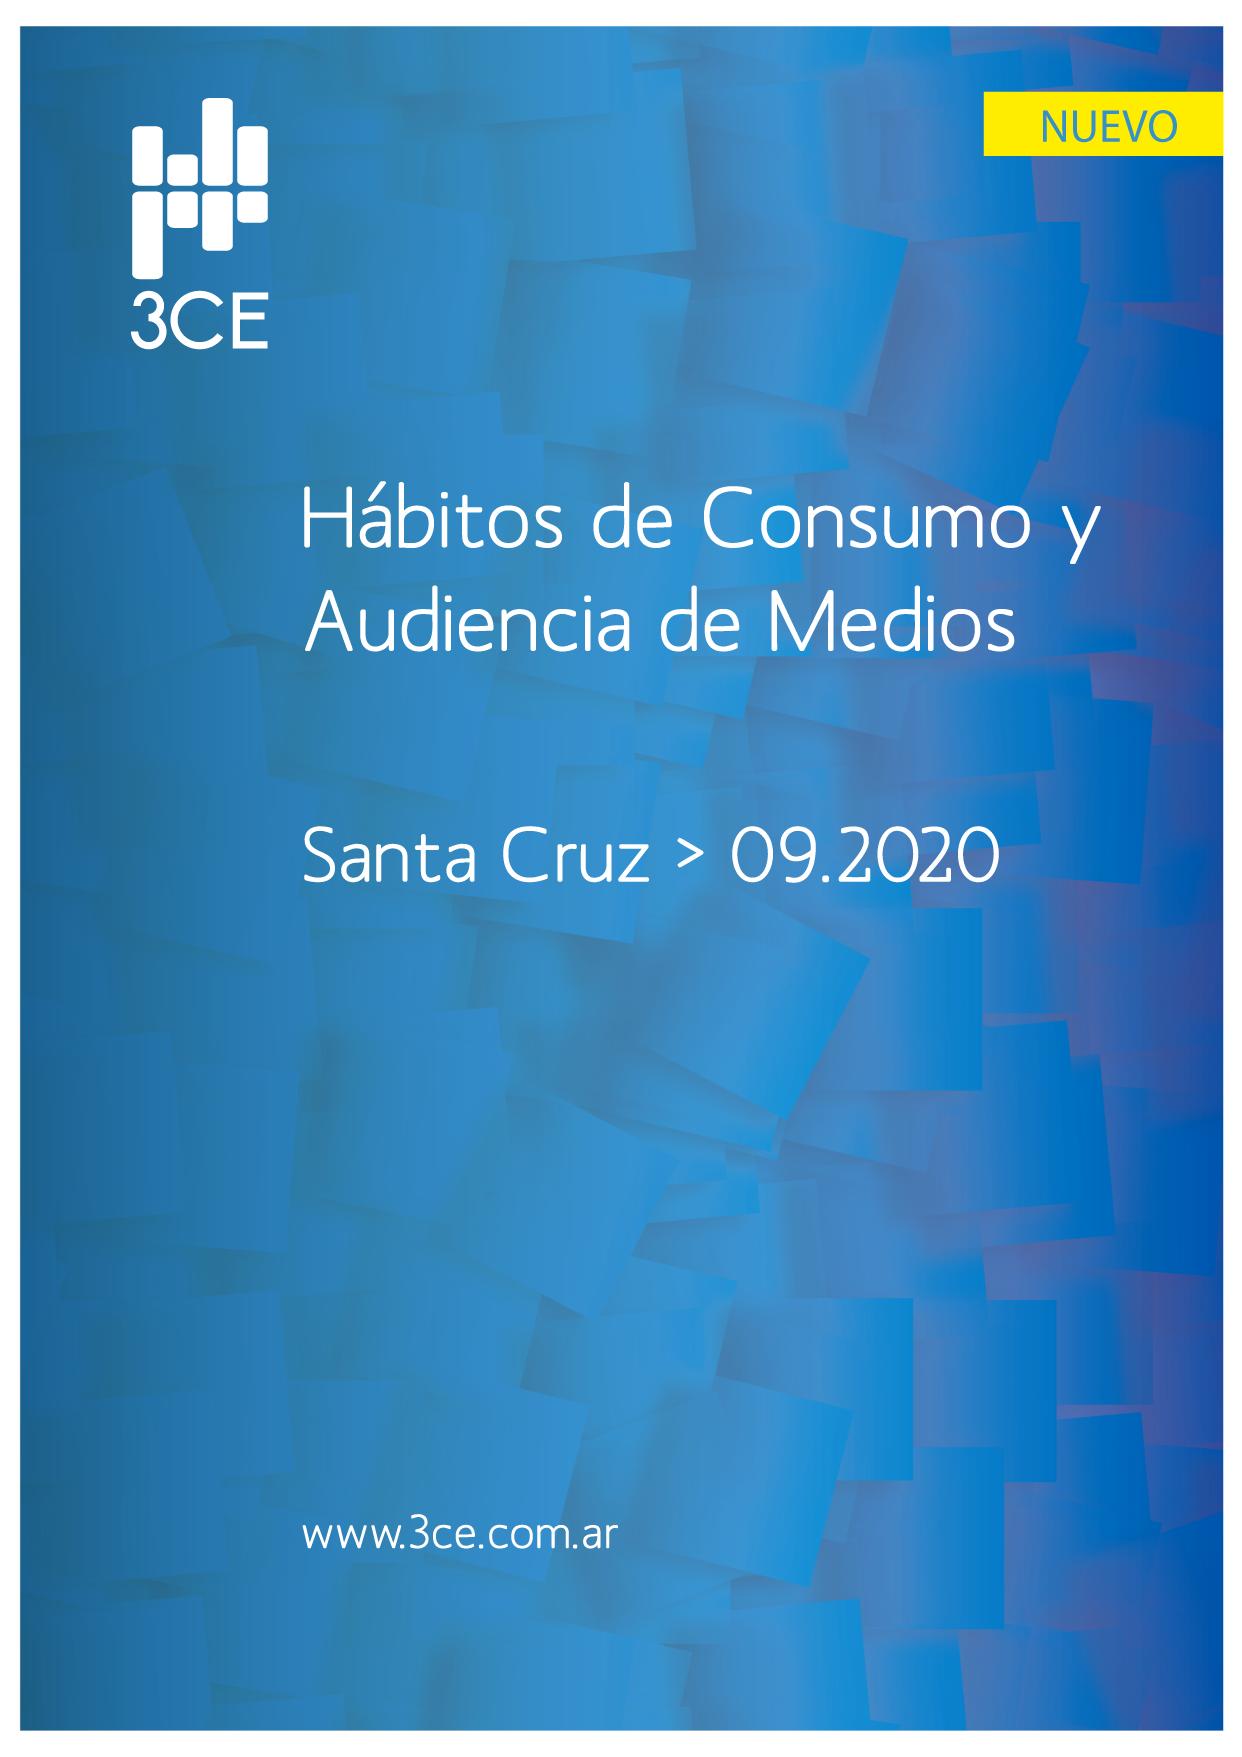 Hábitos de Consumo y Audiencia de Medios - SANTA CRUZ 2020